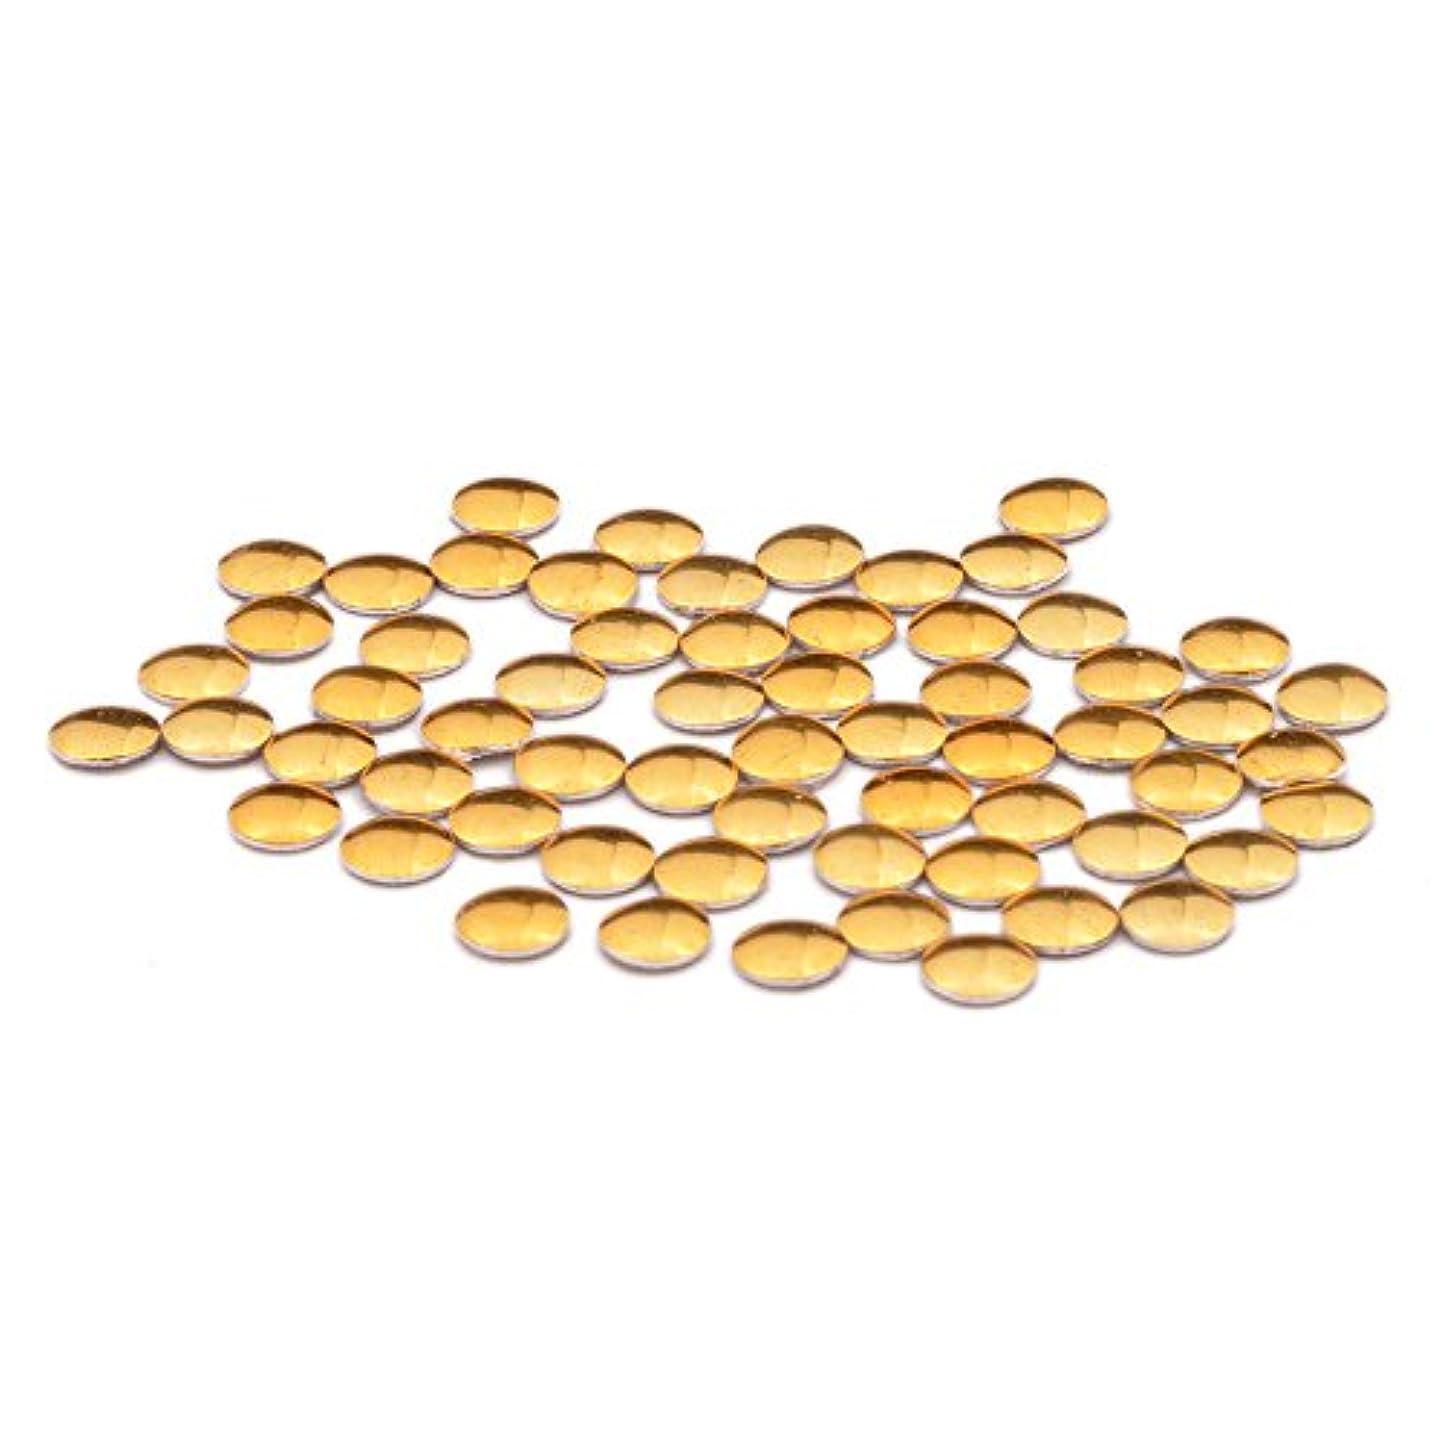 脅威巻き取り記念碑的なラウンド メタルスタッズ 丸型(0.8mm/1mm/1.2mm/1.5mm/2mm/2.5mm/3mm)約50粒入り (2mm, ゴールド)